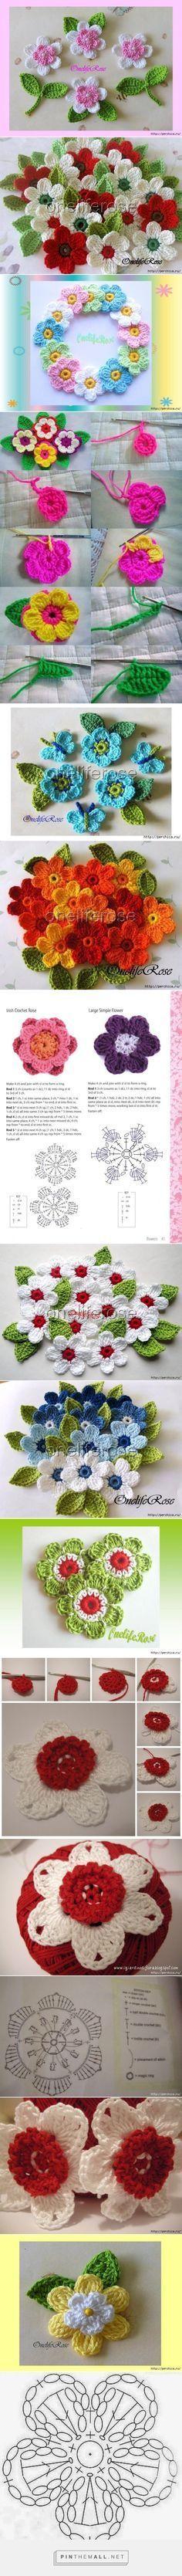 fiori e fiorellini - created v